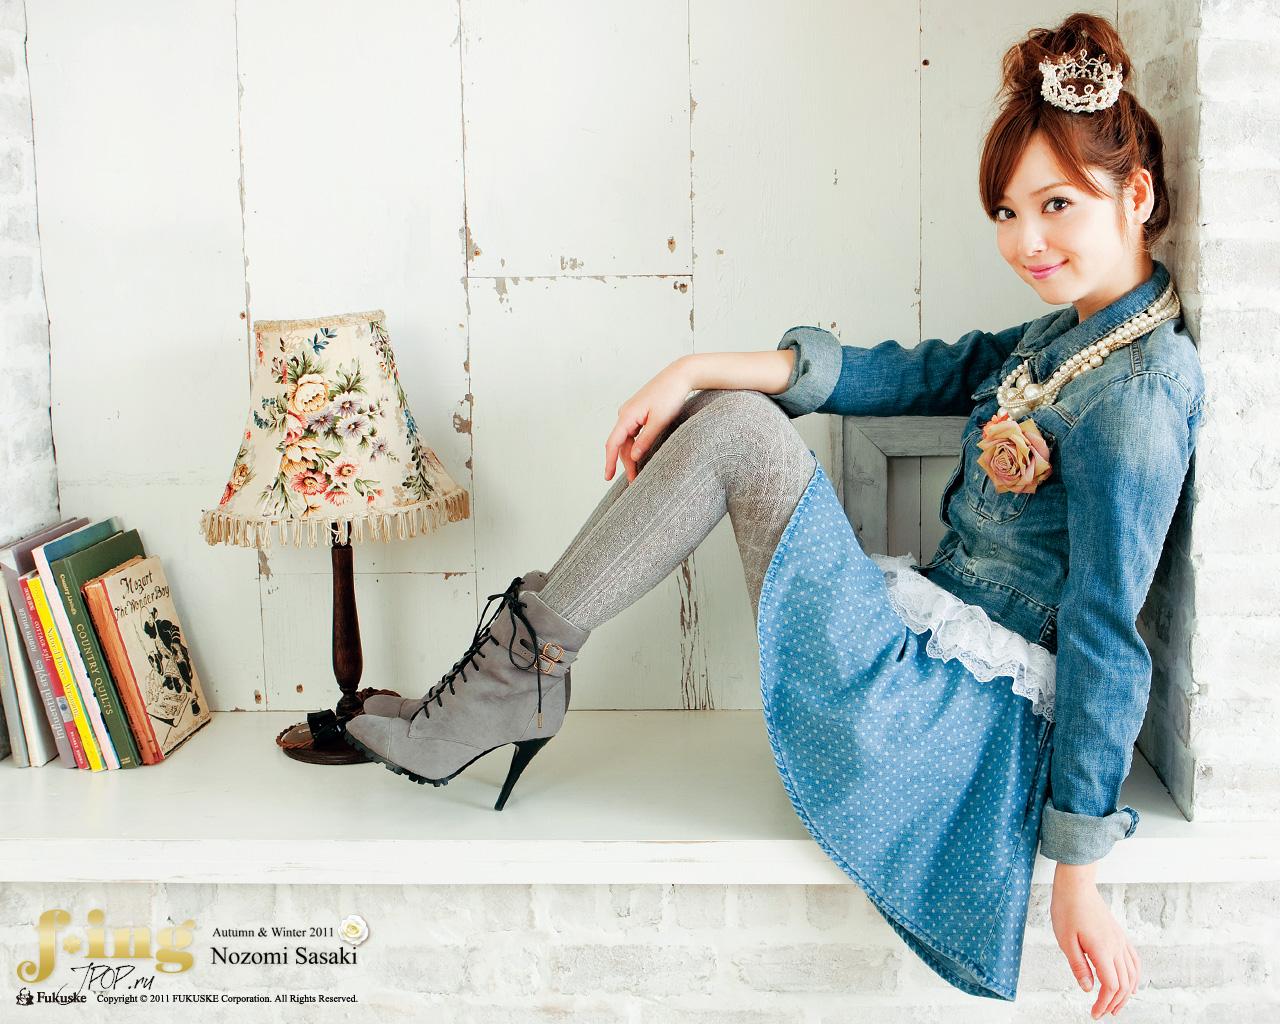 Nozomi Sasaki, fashion, promo [PH201025023431]